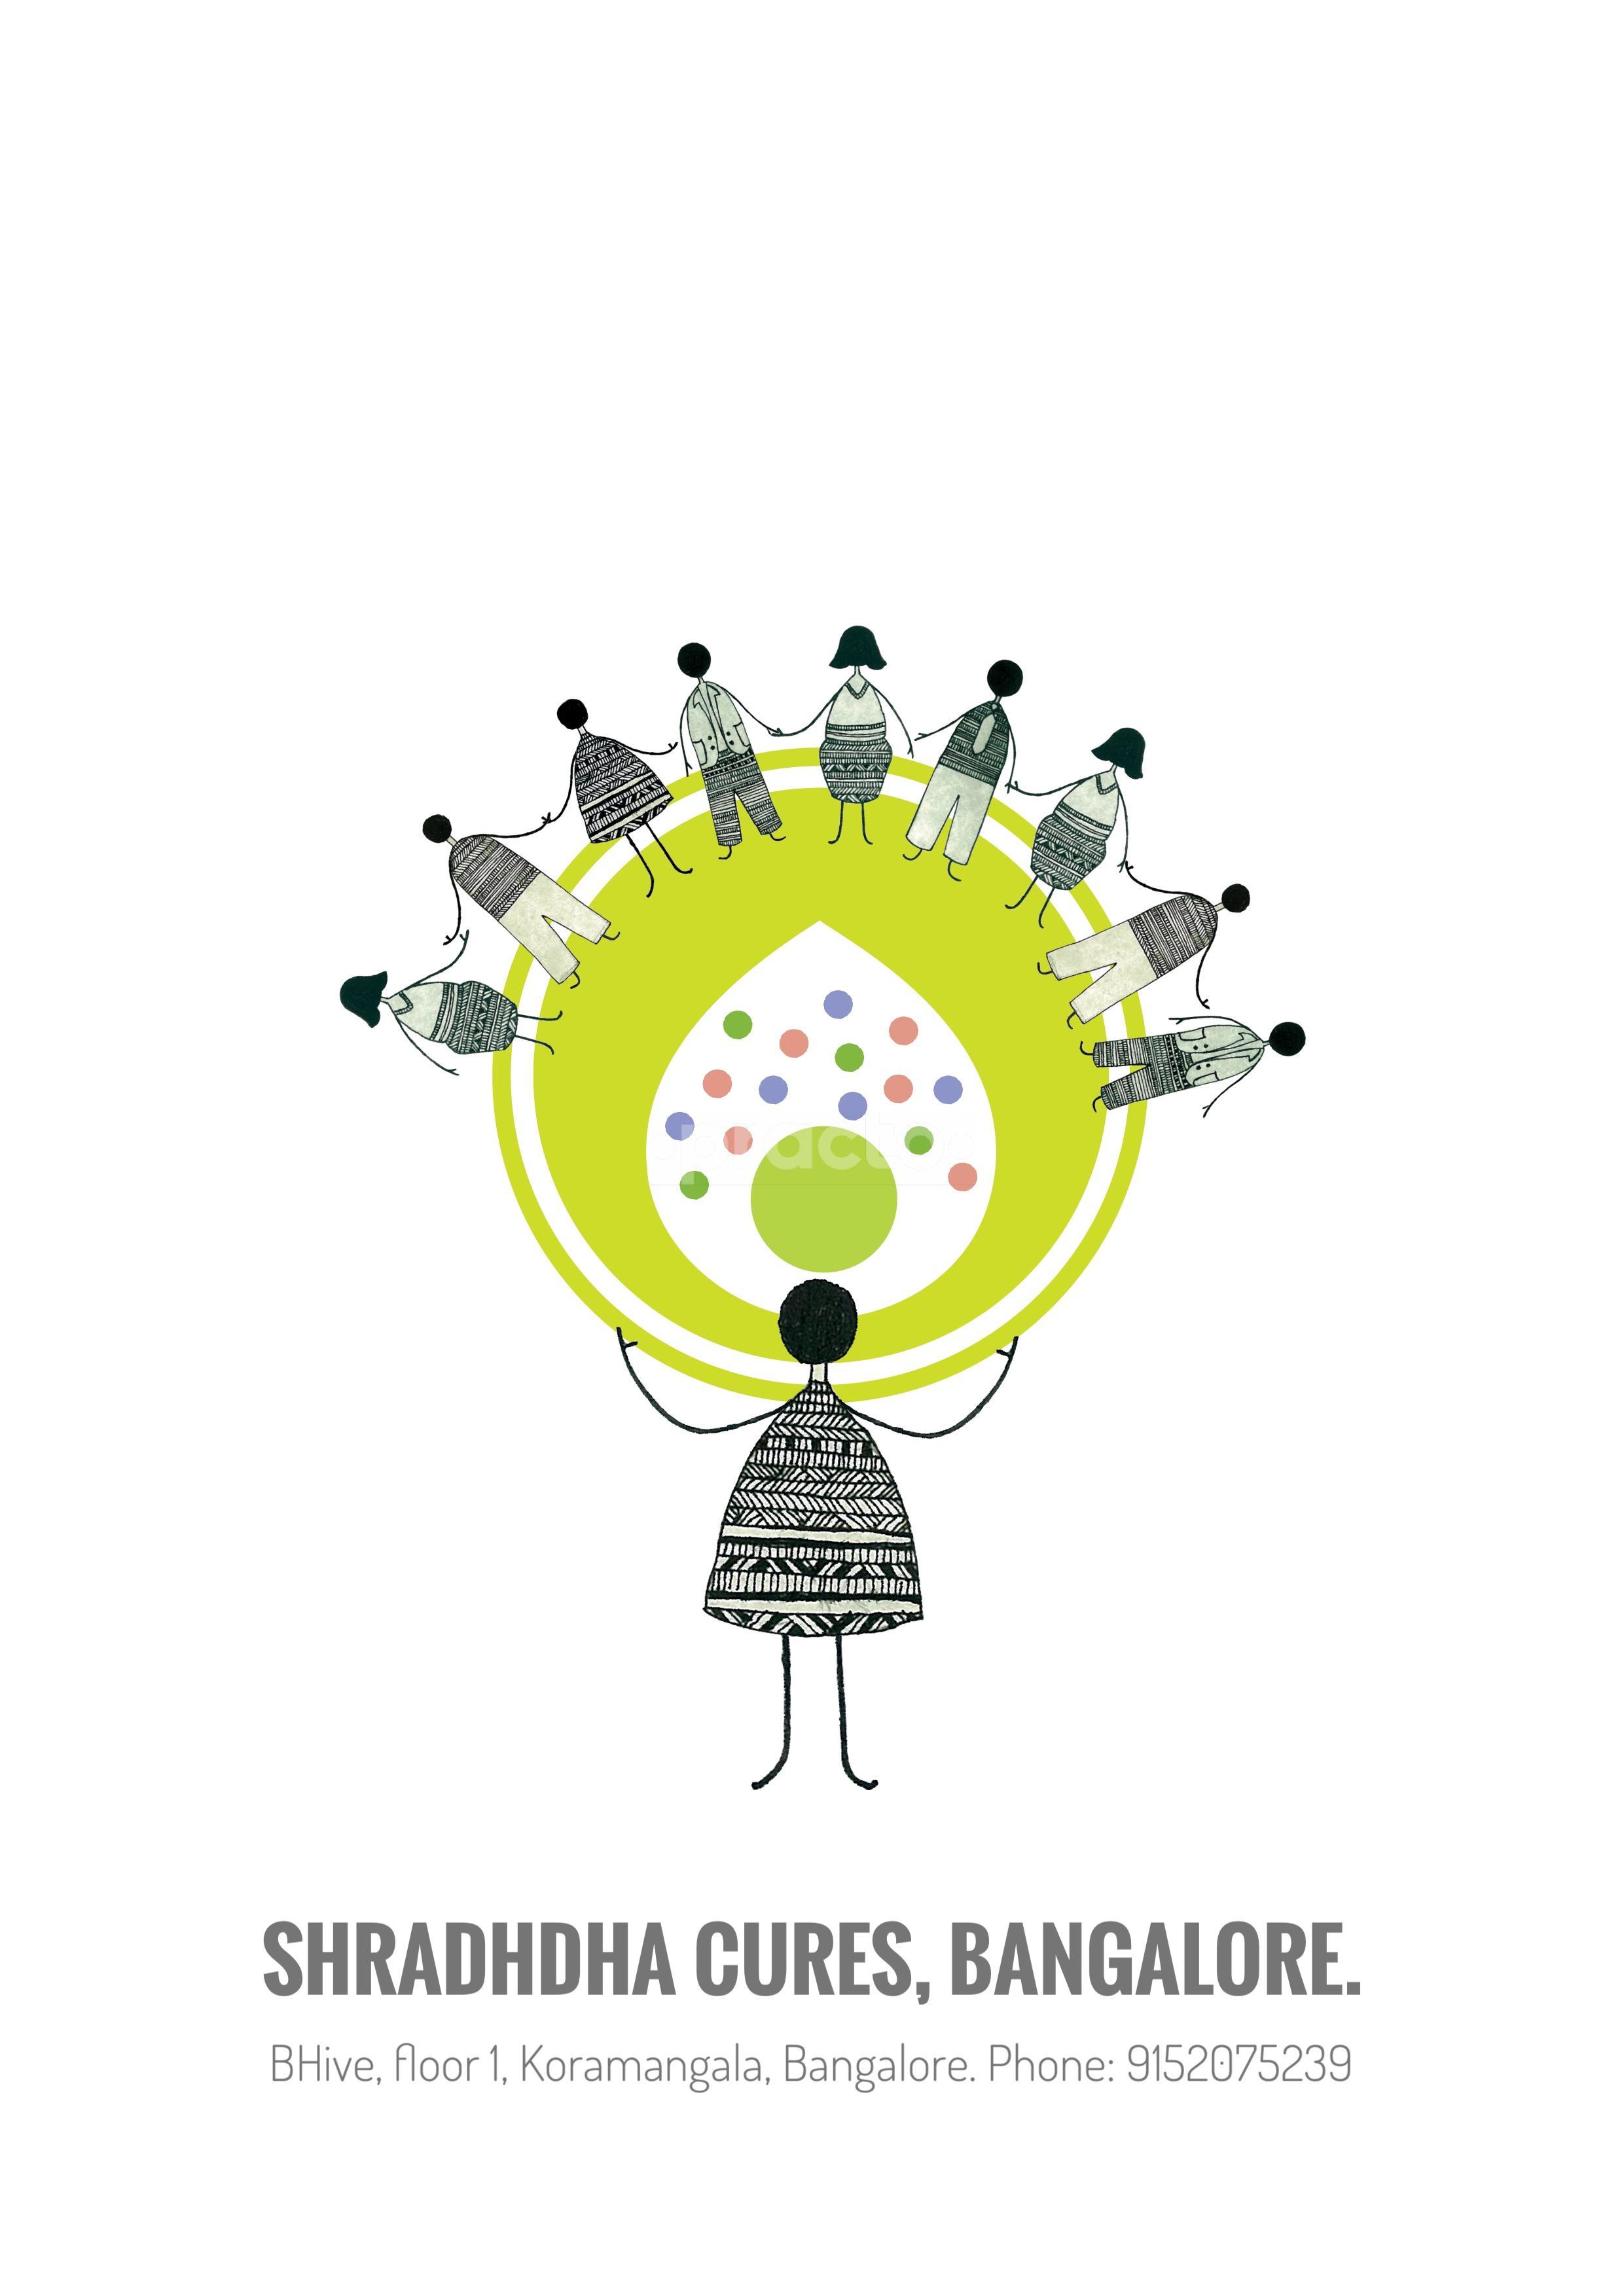 ShradhdhaCures, Bangalore